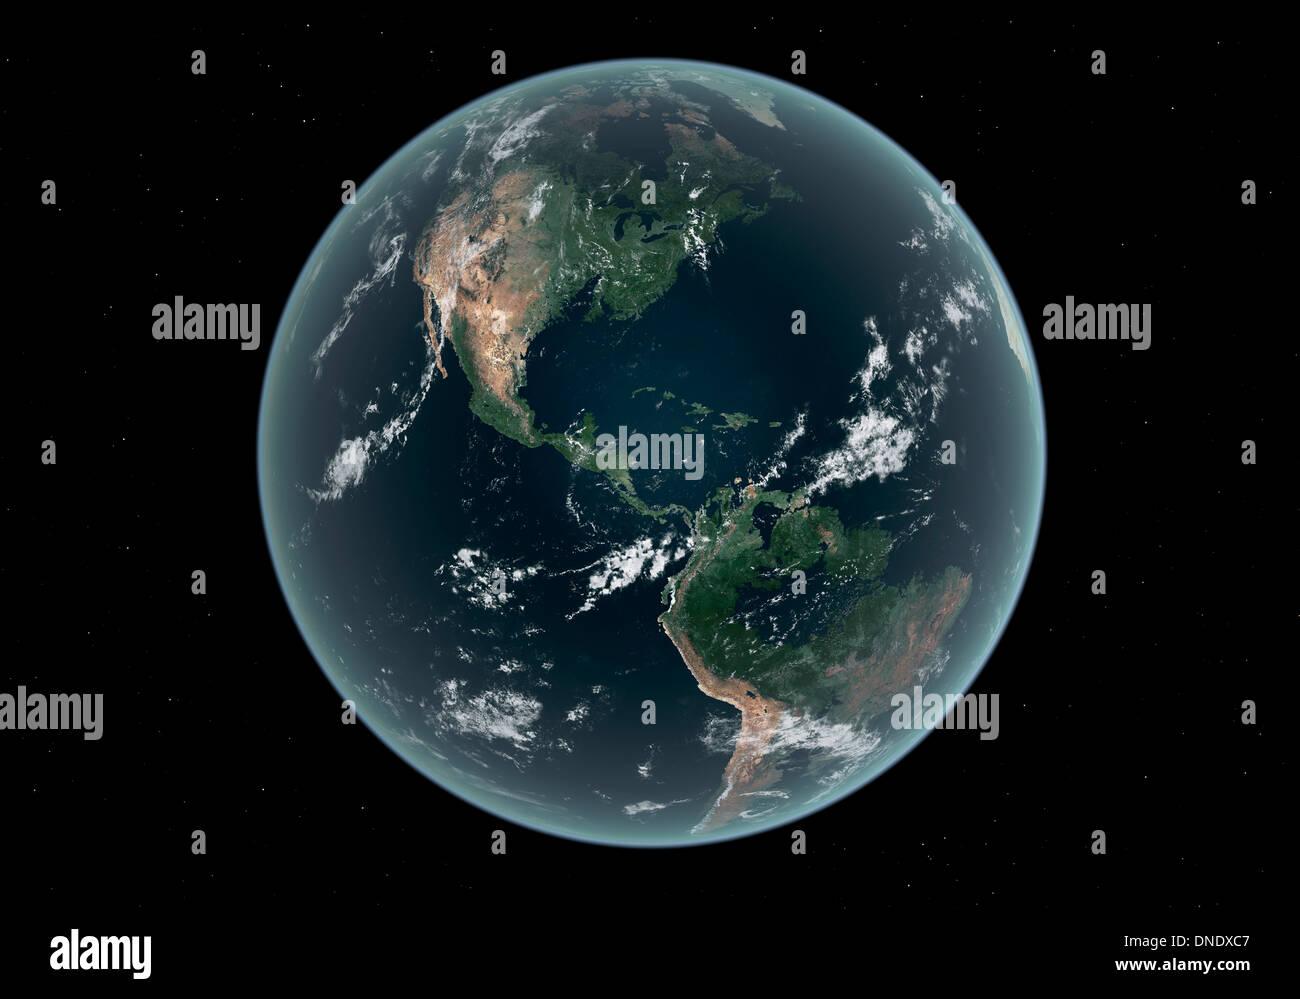 L'hémisphère ouest de la terre avec l'augmentation du niveau de la mer 330 pieds au-dessus de la moyenne. Photo Stock